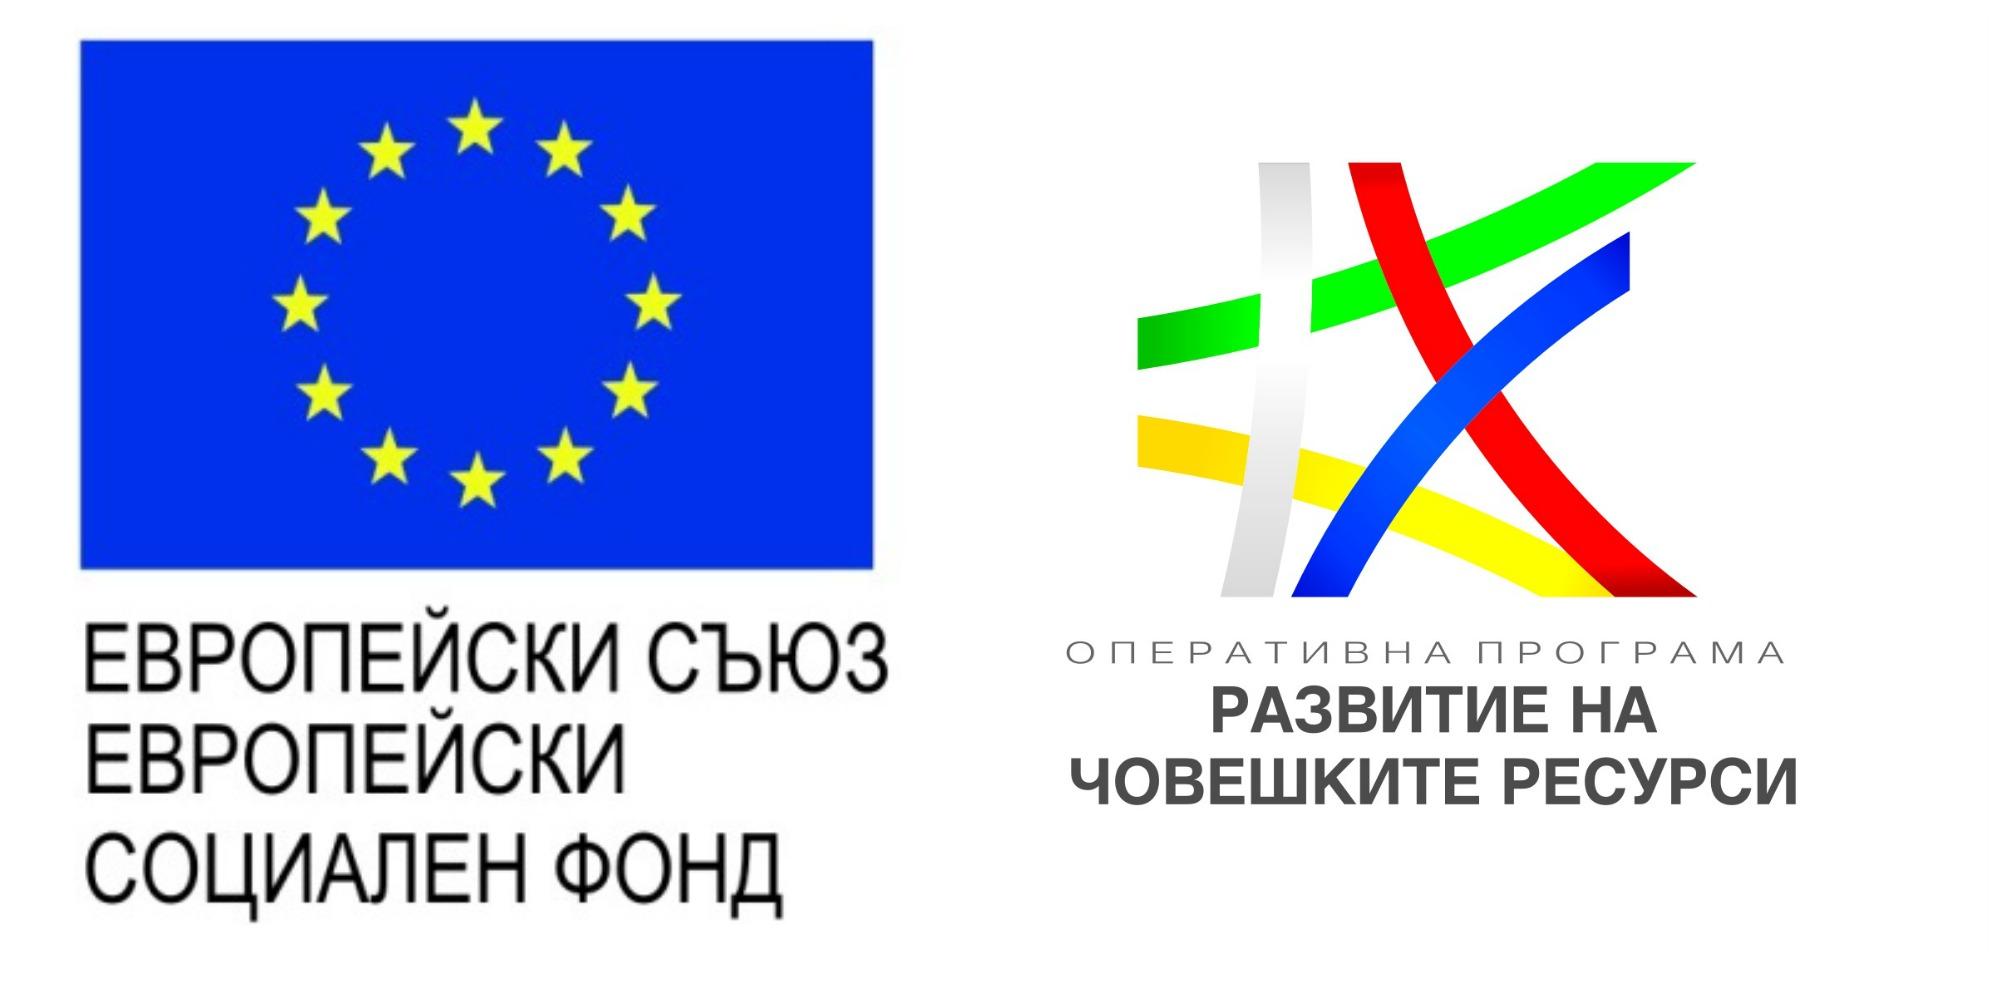 EU-OP